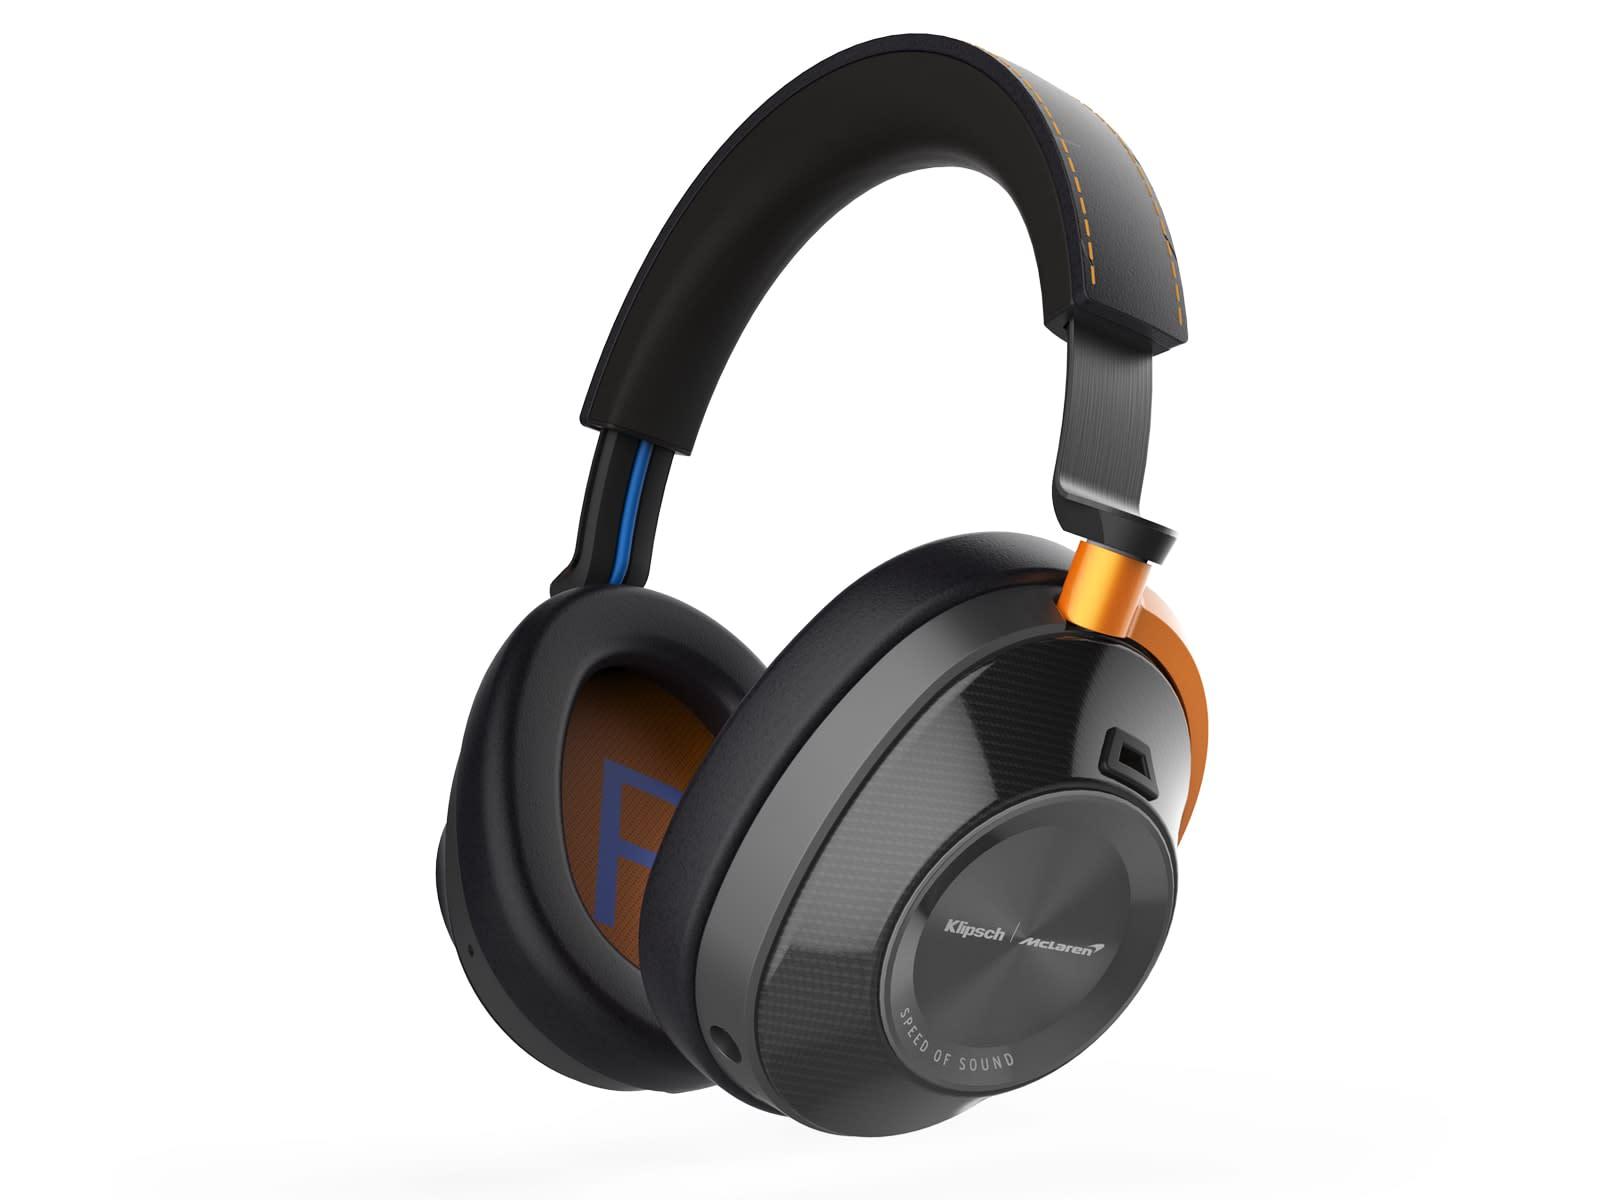 Klipsch McLaren noise-cancelling headphones